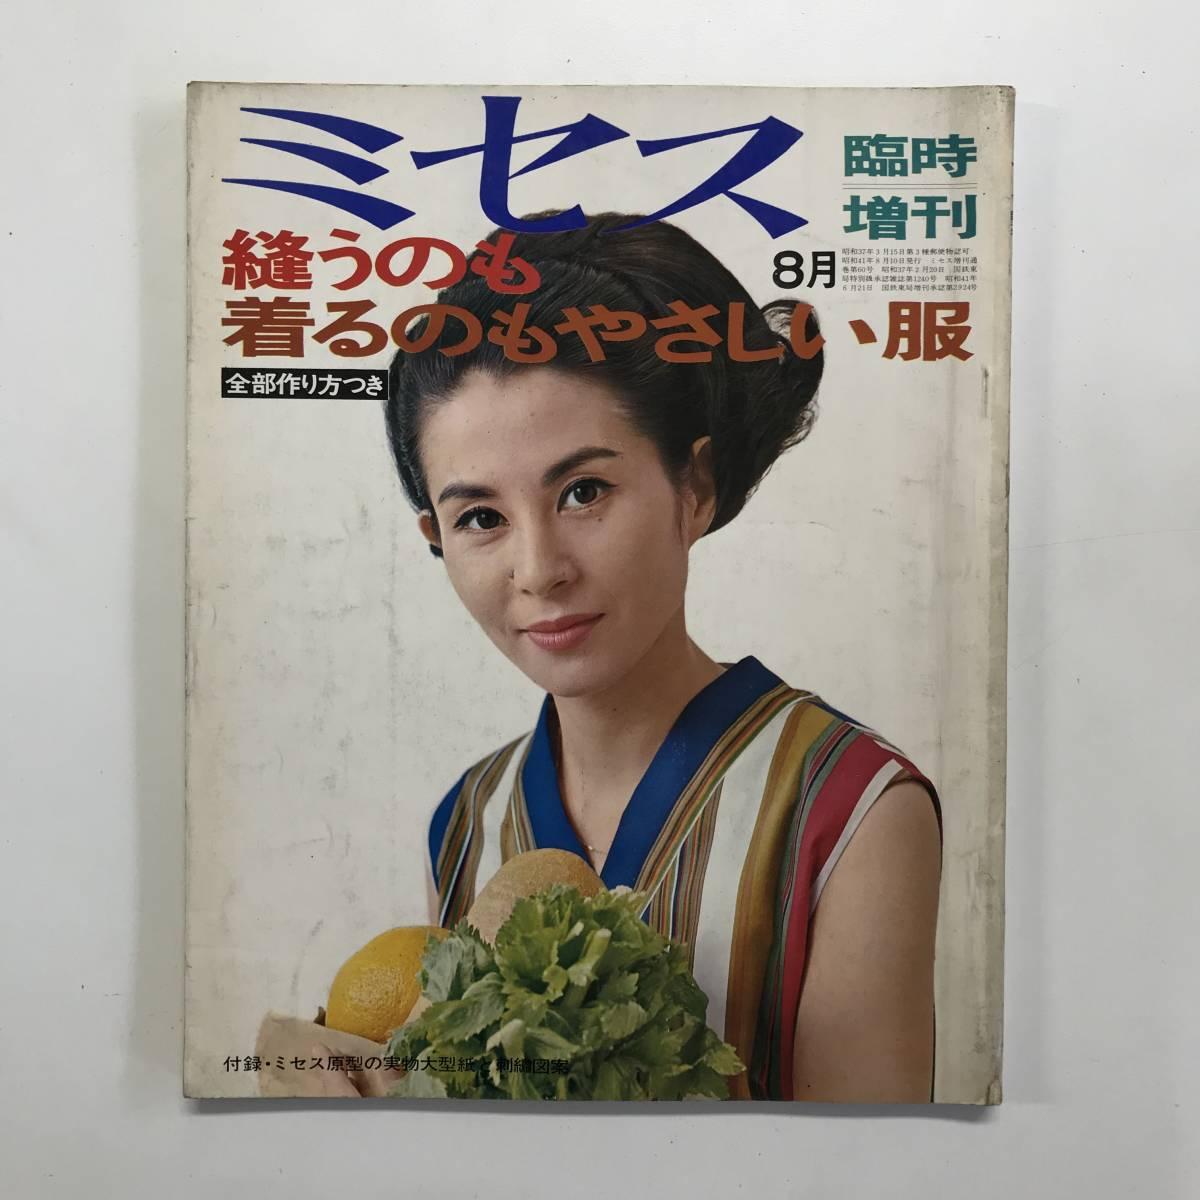 ミセス 臨時増刊号 昭和41年8月号 t00941_l3_画像1